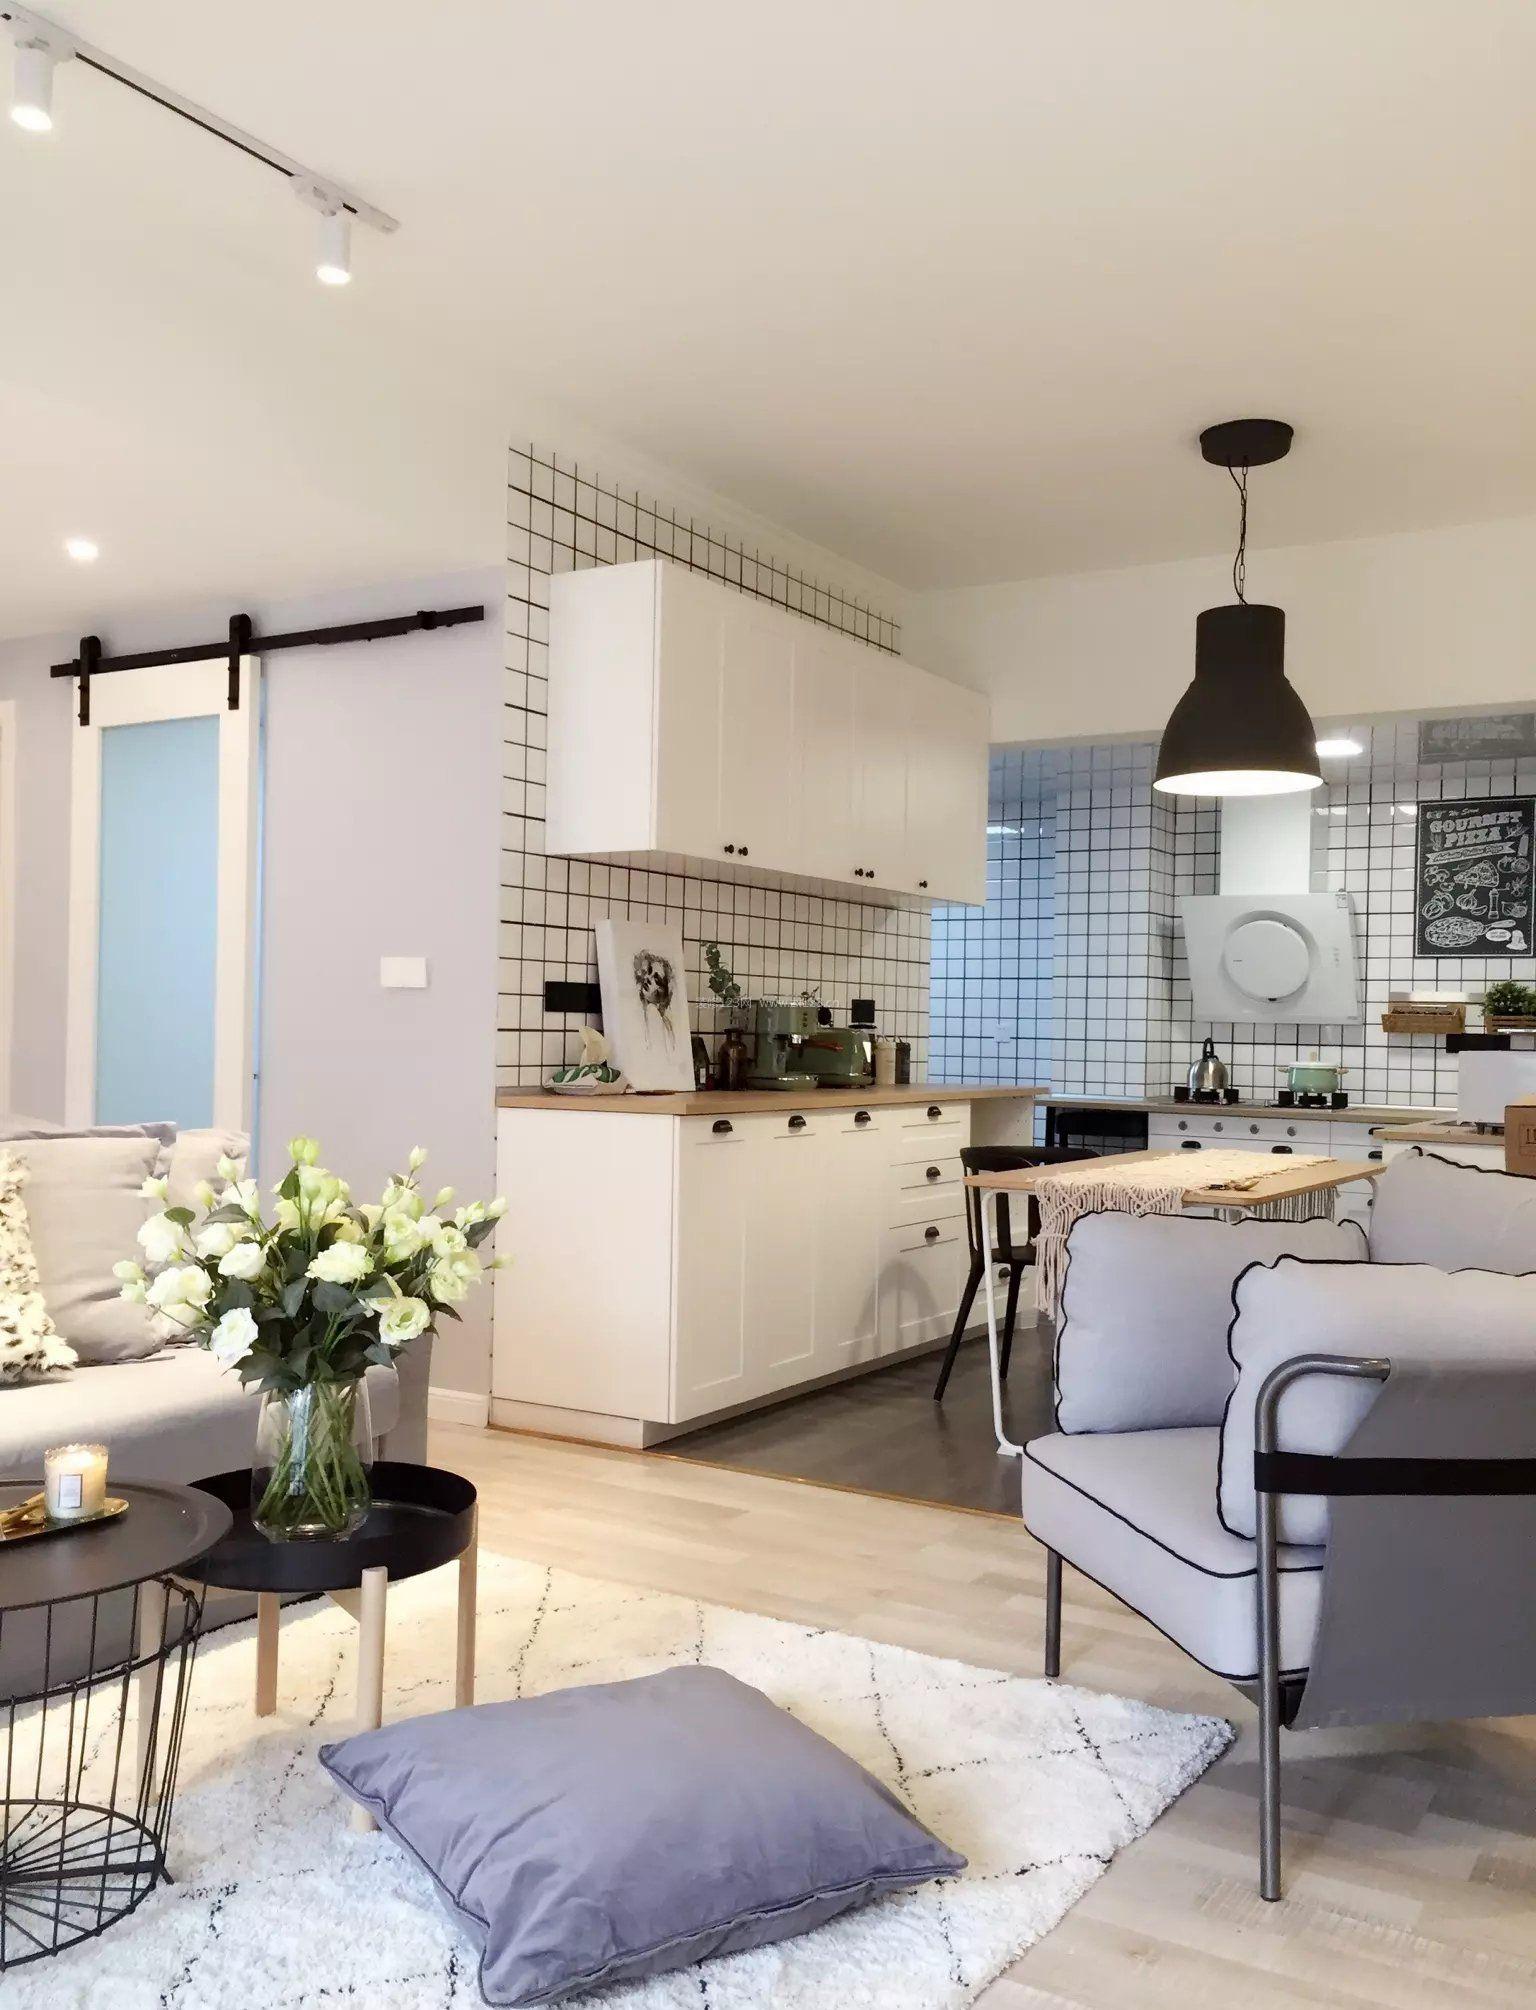 2018北欧室内设计风格开放式厨房效果图